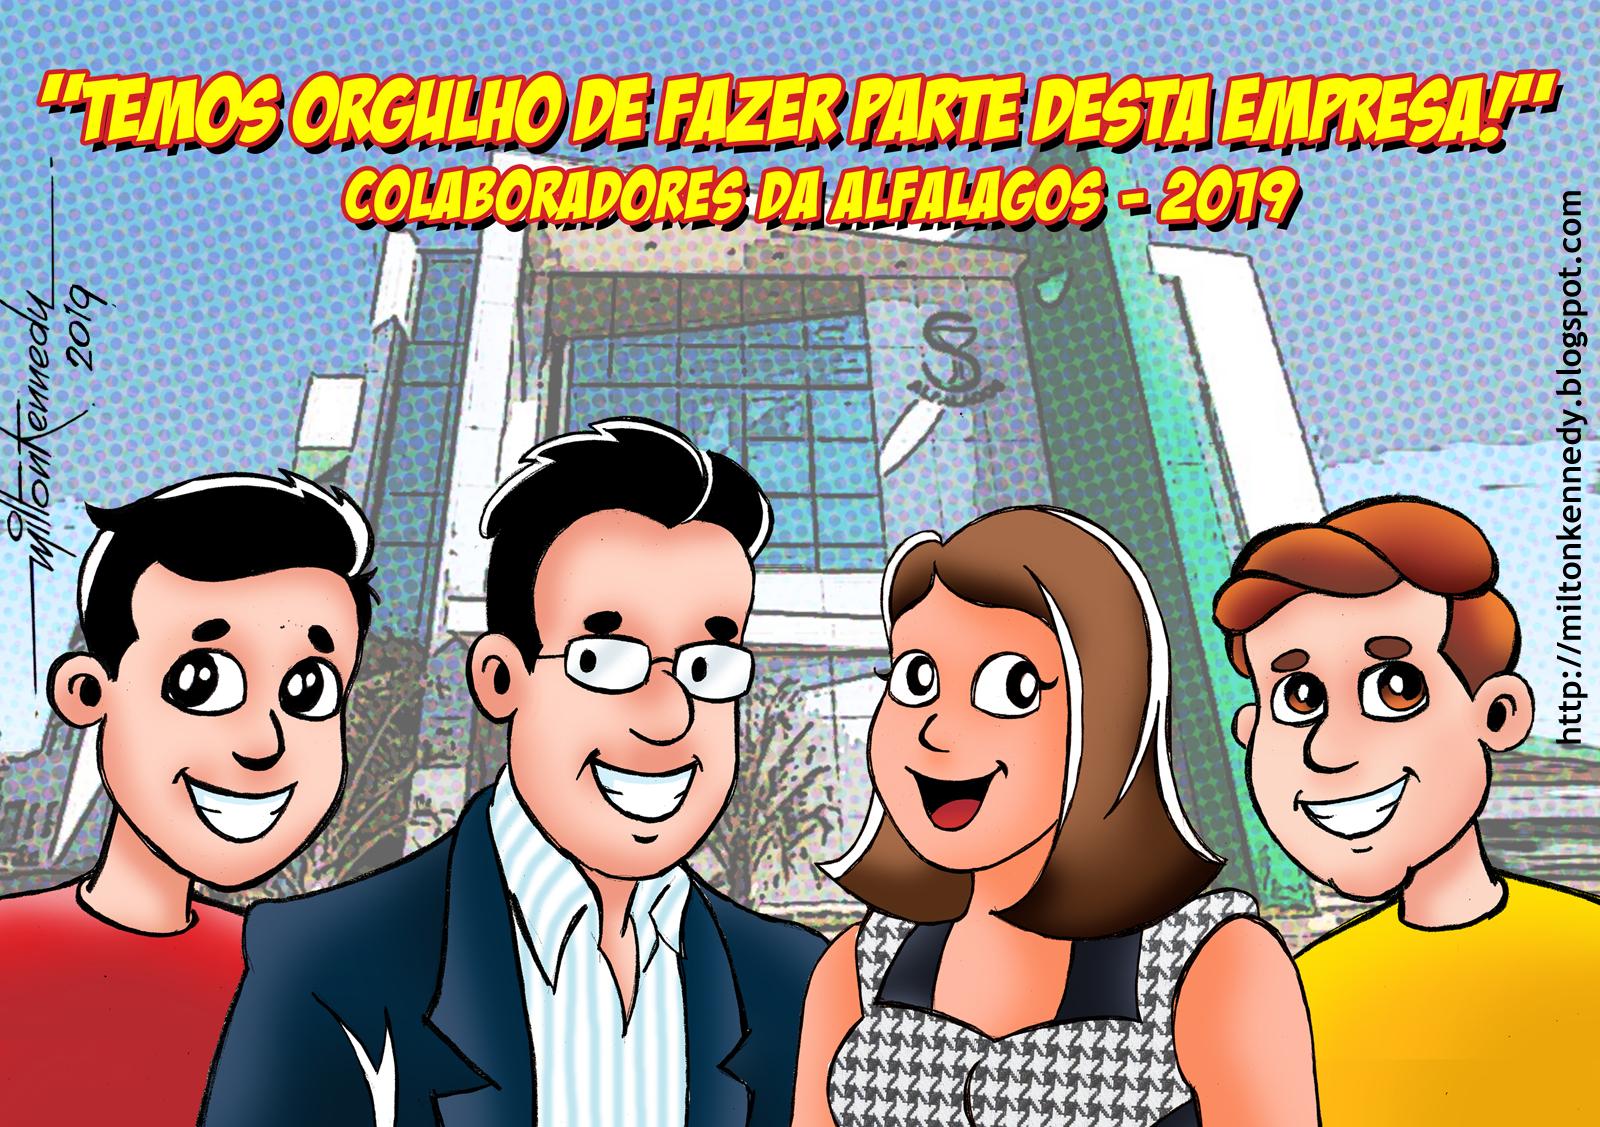 Alfalagos Ltda